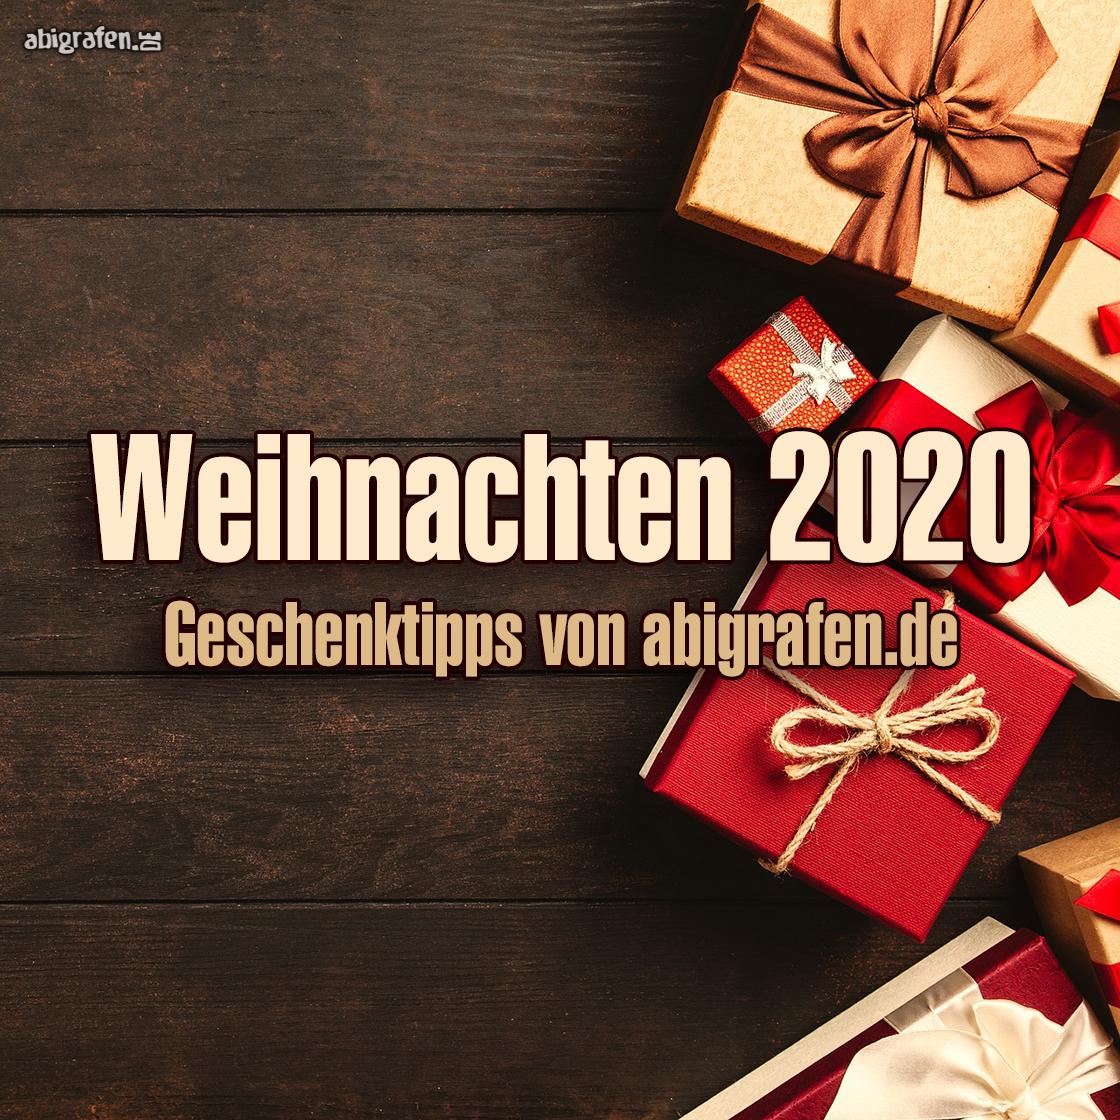 Geschenktipps: Weihnachten 2020